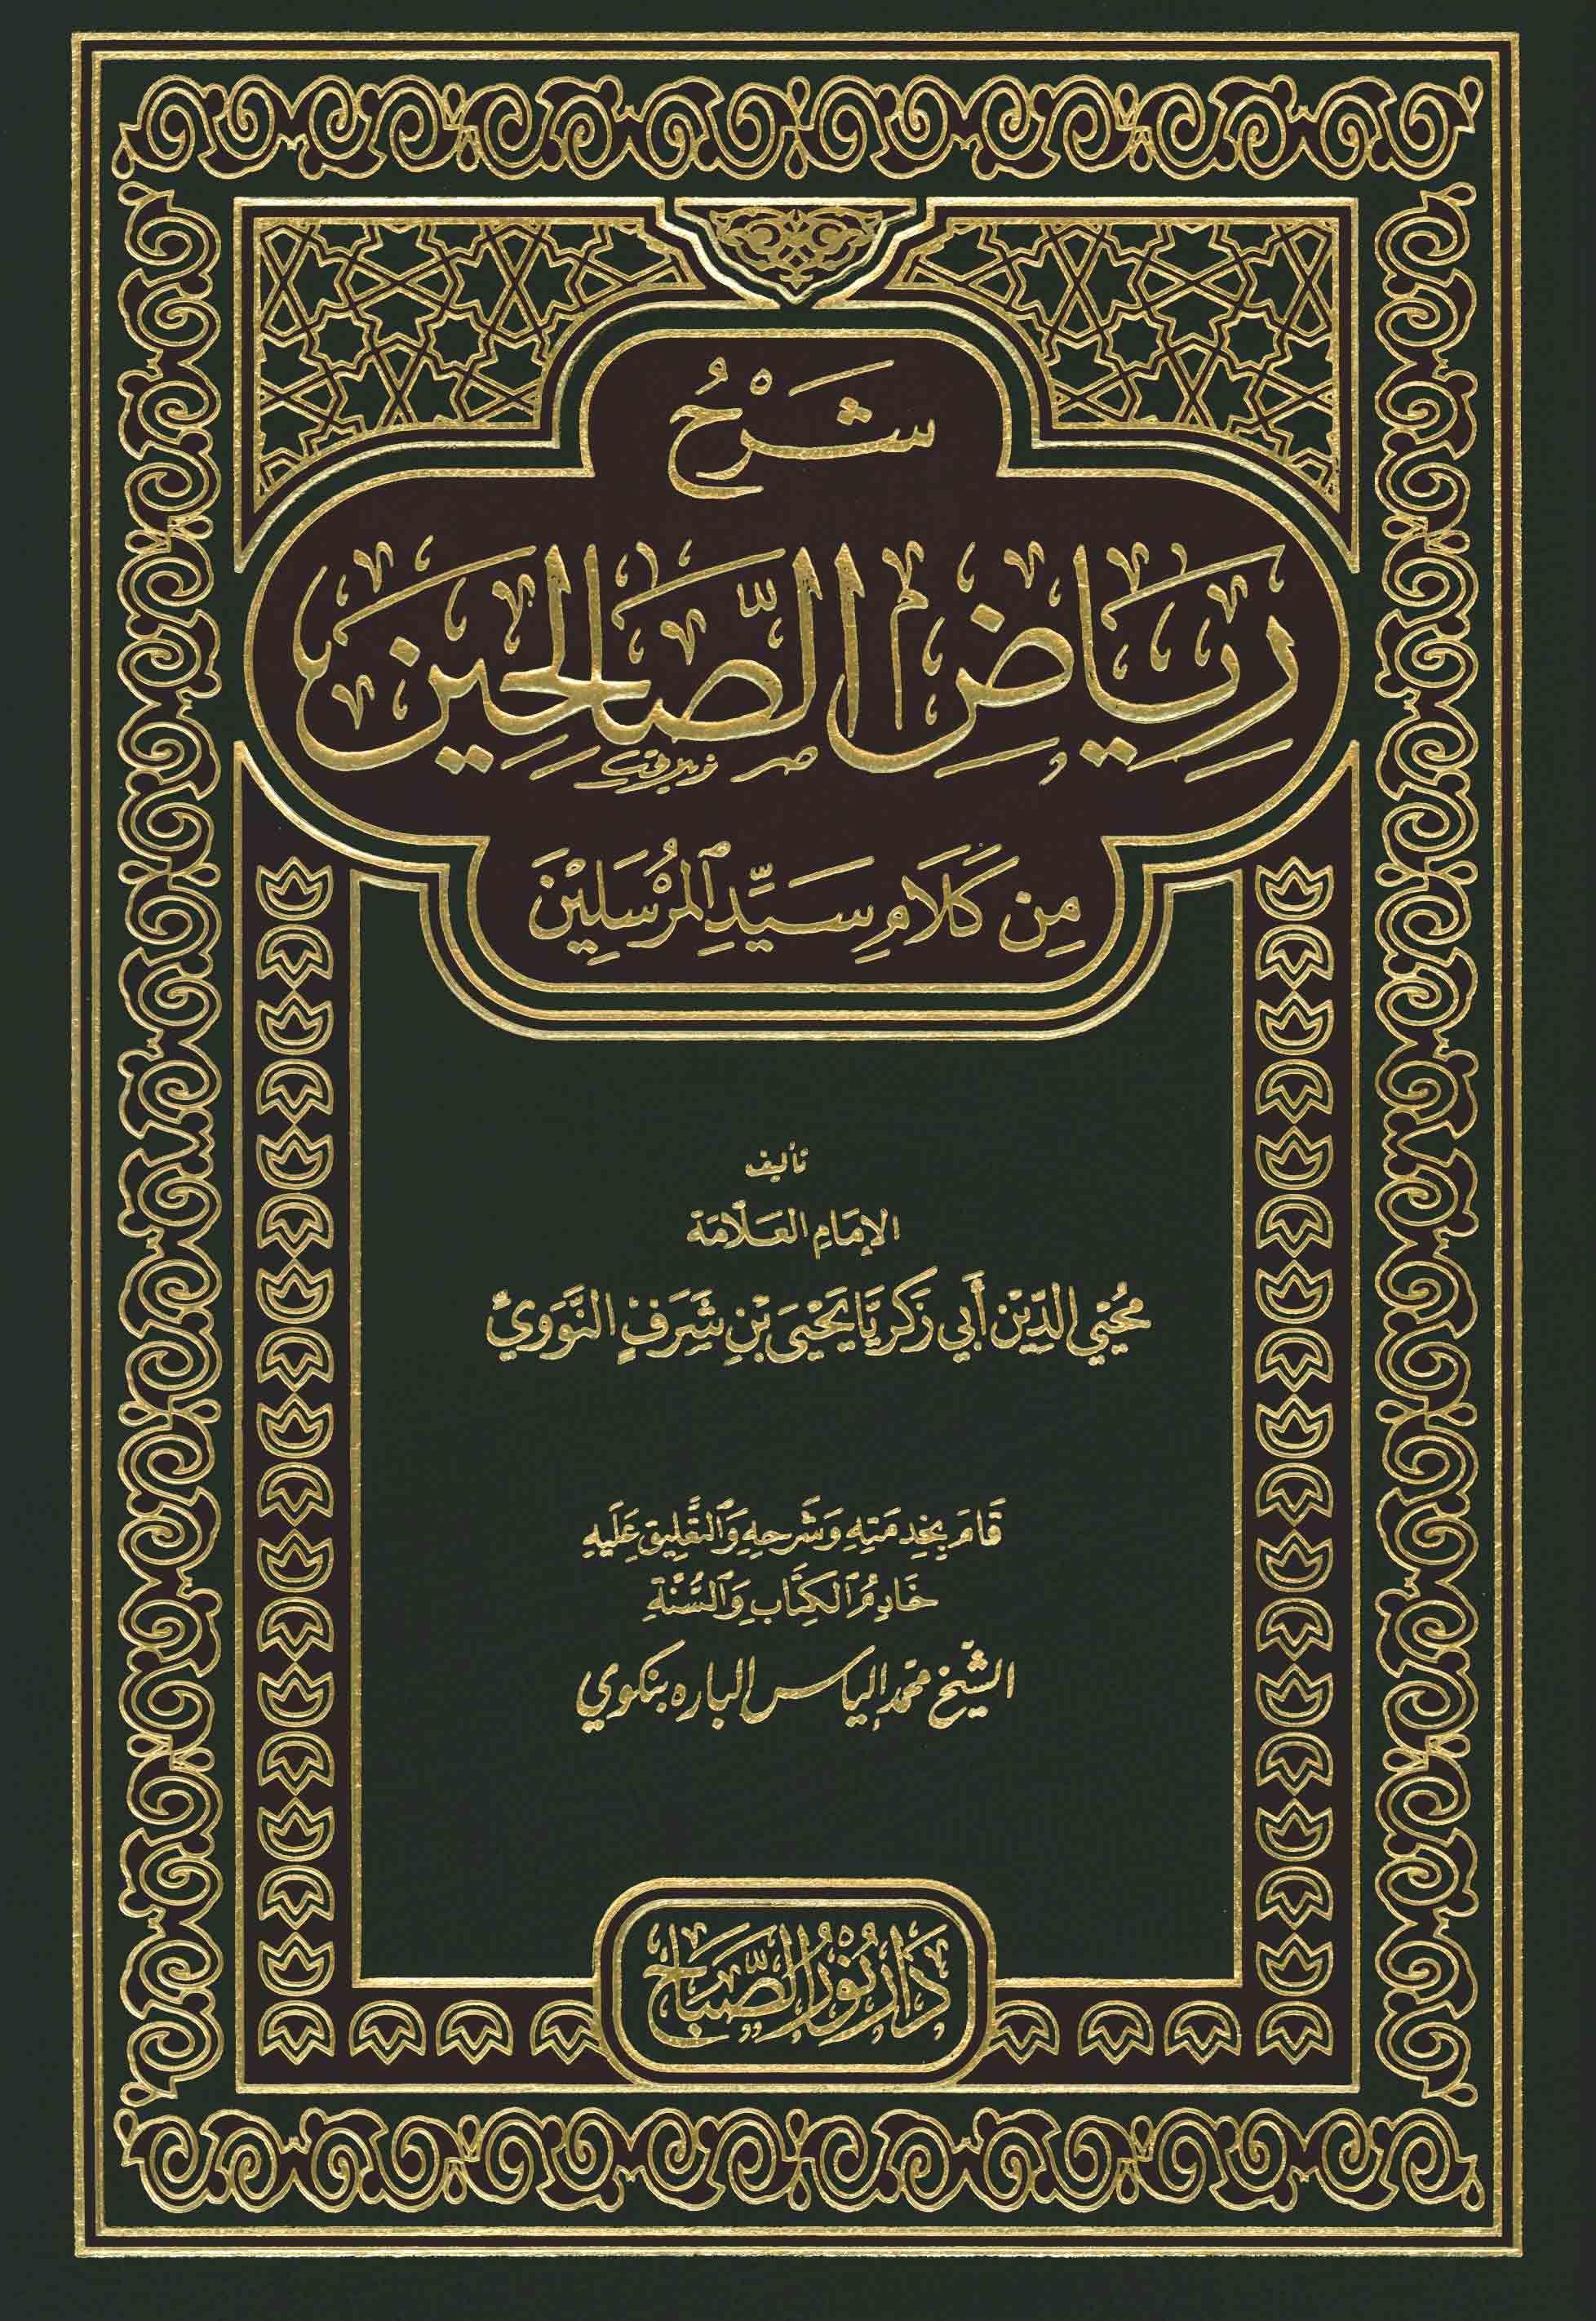 رياض الصالحين محيي الدين أبي زكريا يحيى بن شرف النووي أبجد Books Book Worth Reading Book Cover